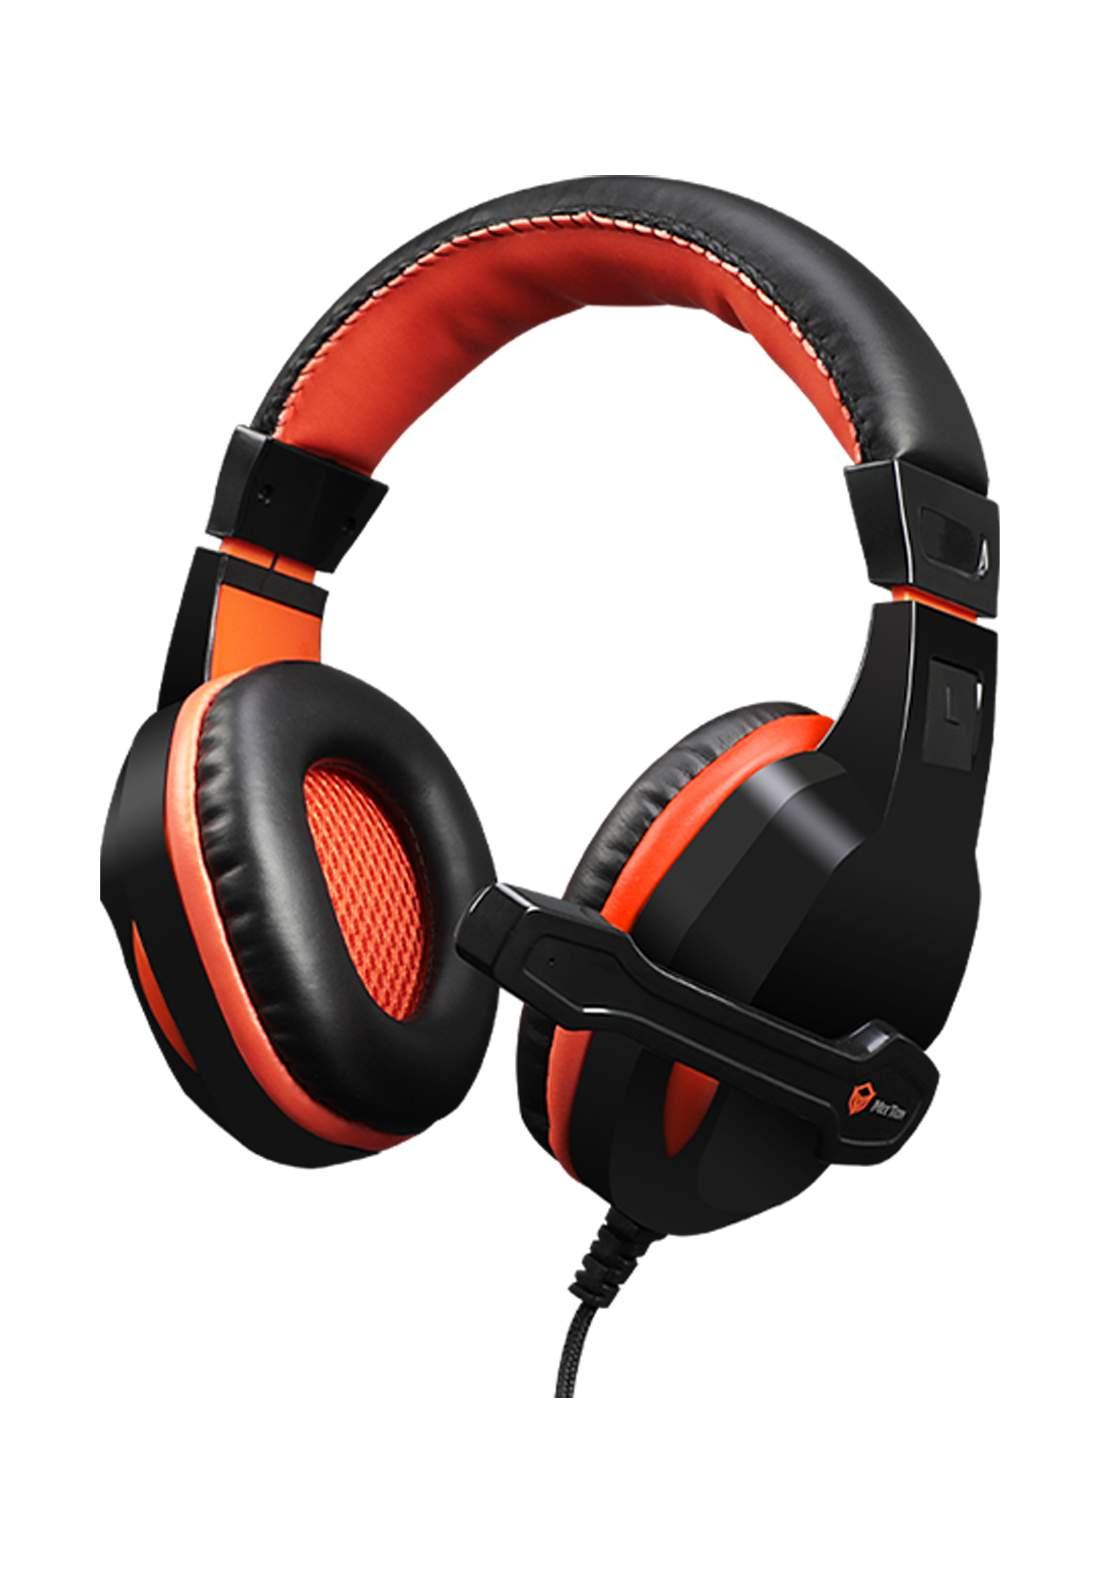 Meetion HP010 PC Gaming Headset - Black سماعة